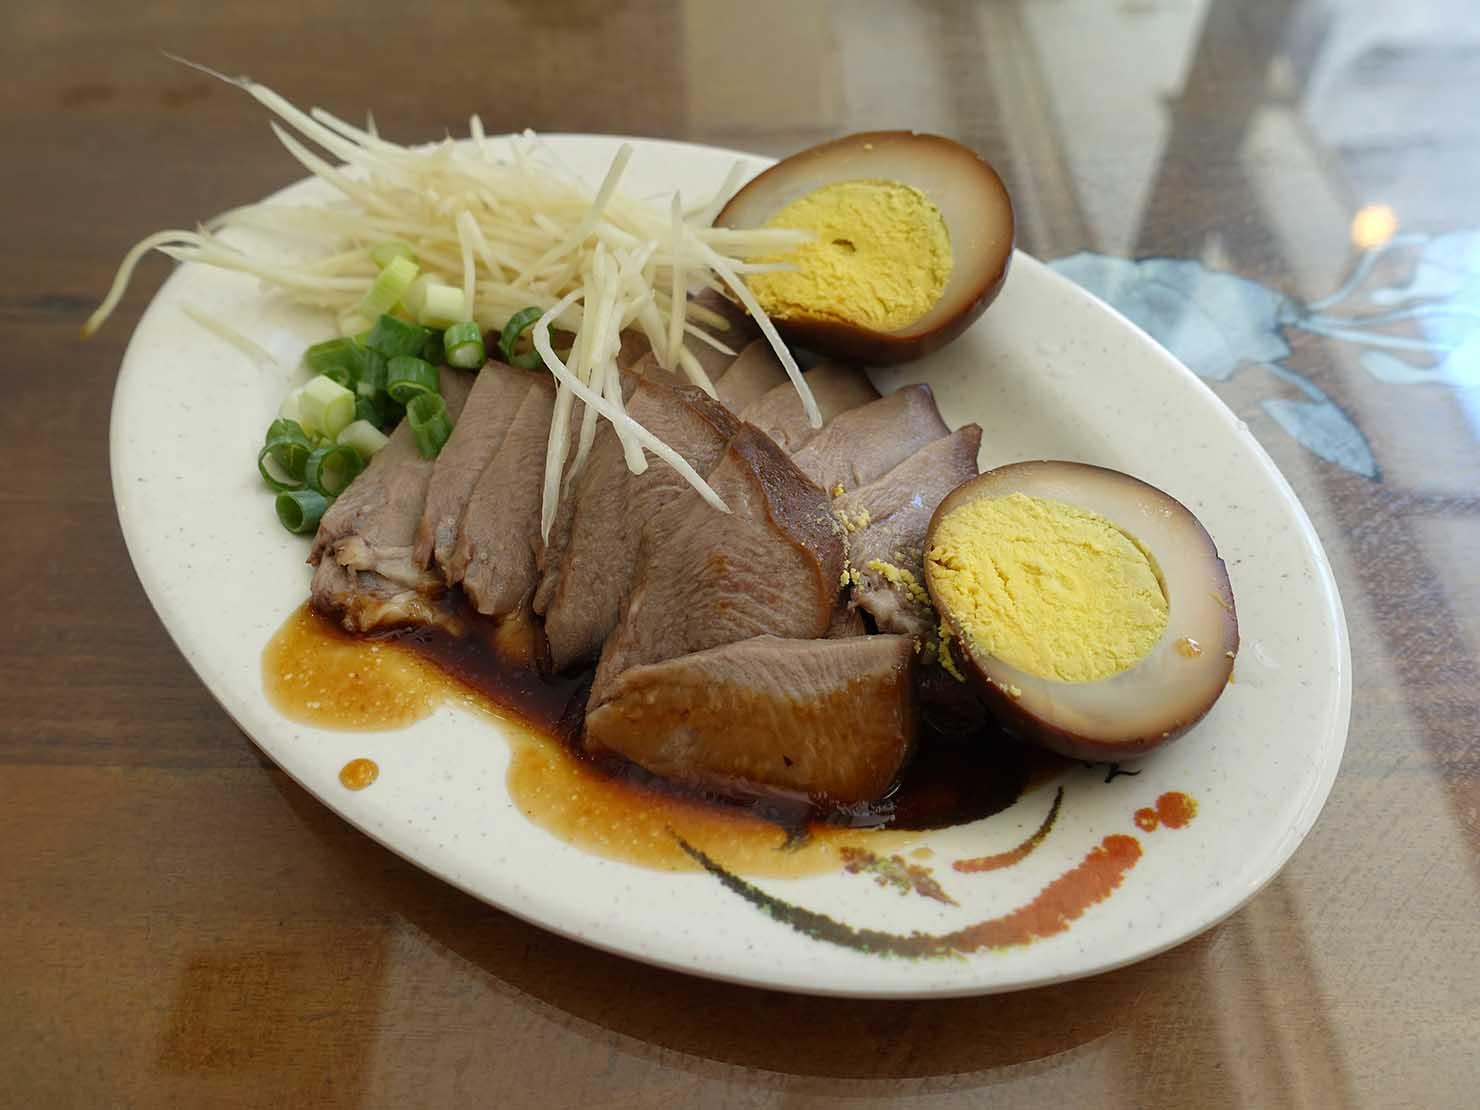 台北・忠孝新生駅周辺のおすすめグルメ店「名前のない臨沂街の麺店」の豬舌&滷蛋